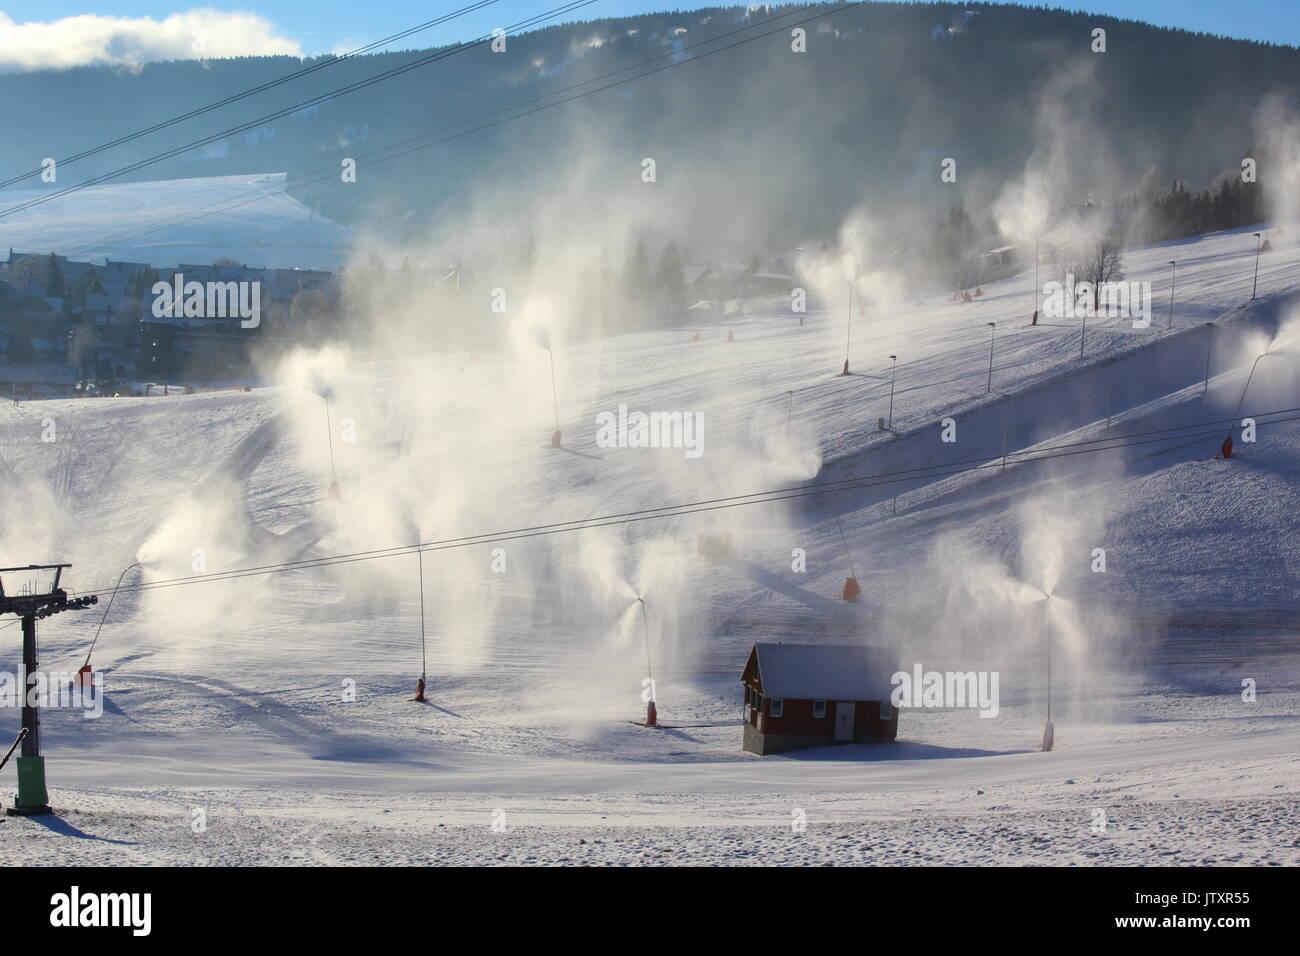 Snowmaking con cañones de nieve y lanzas de nieve en la estación de esquí de Oberwiesenthal, Alemania Imagen De Stock